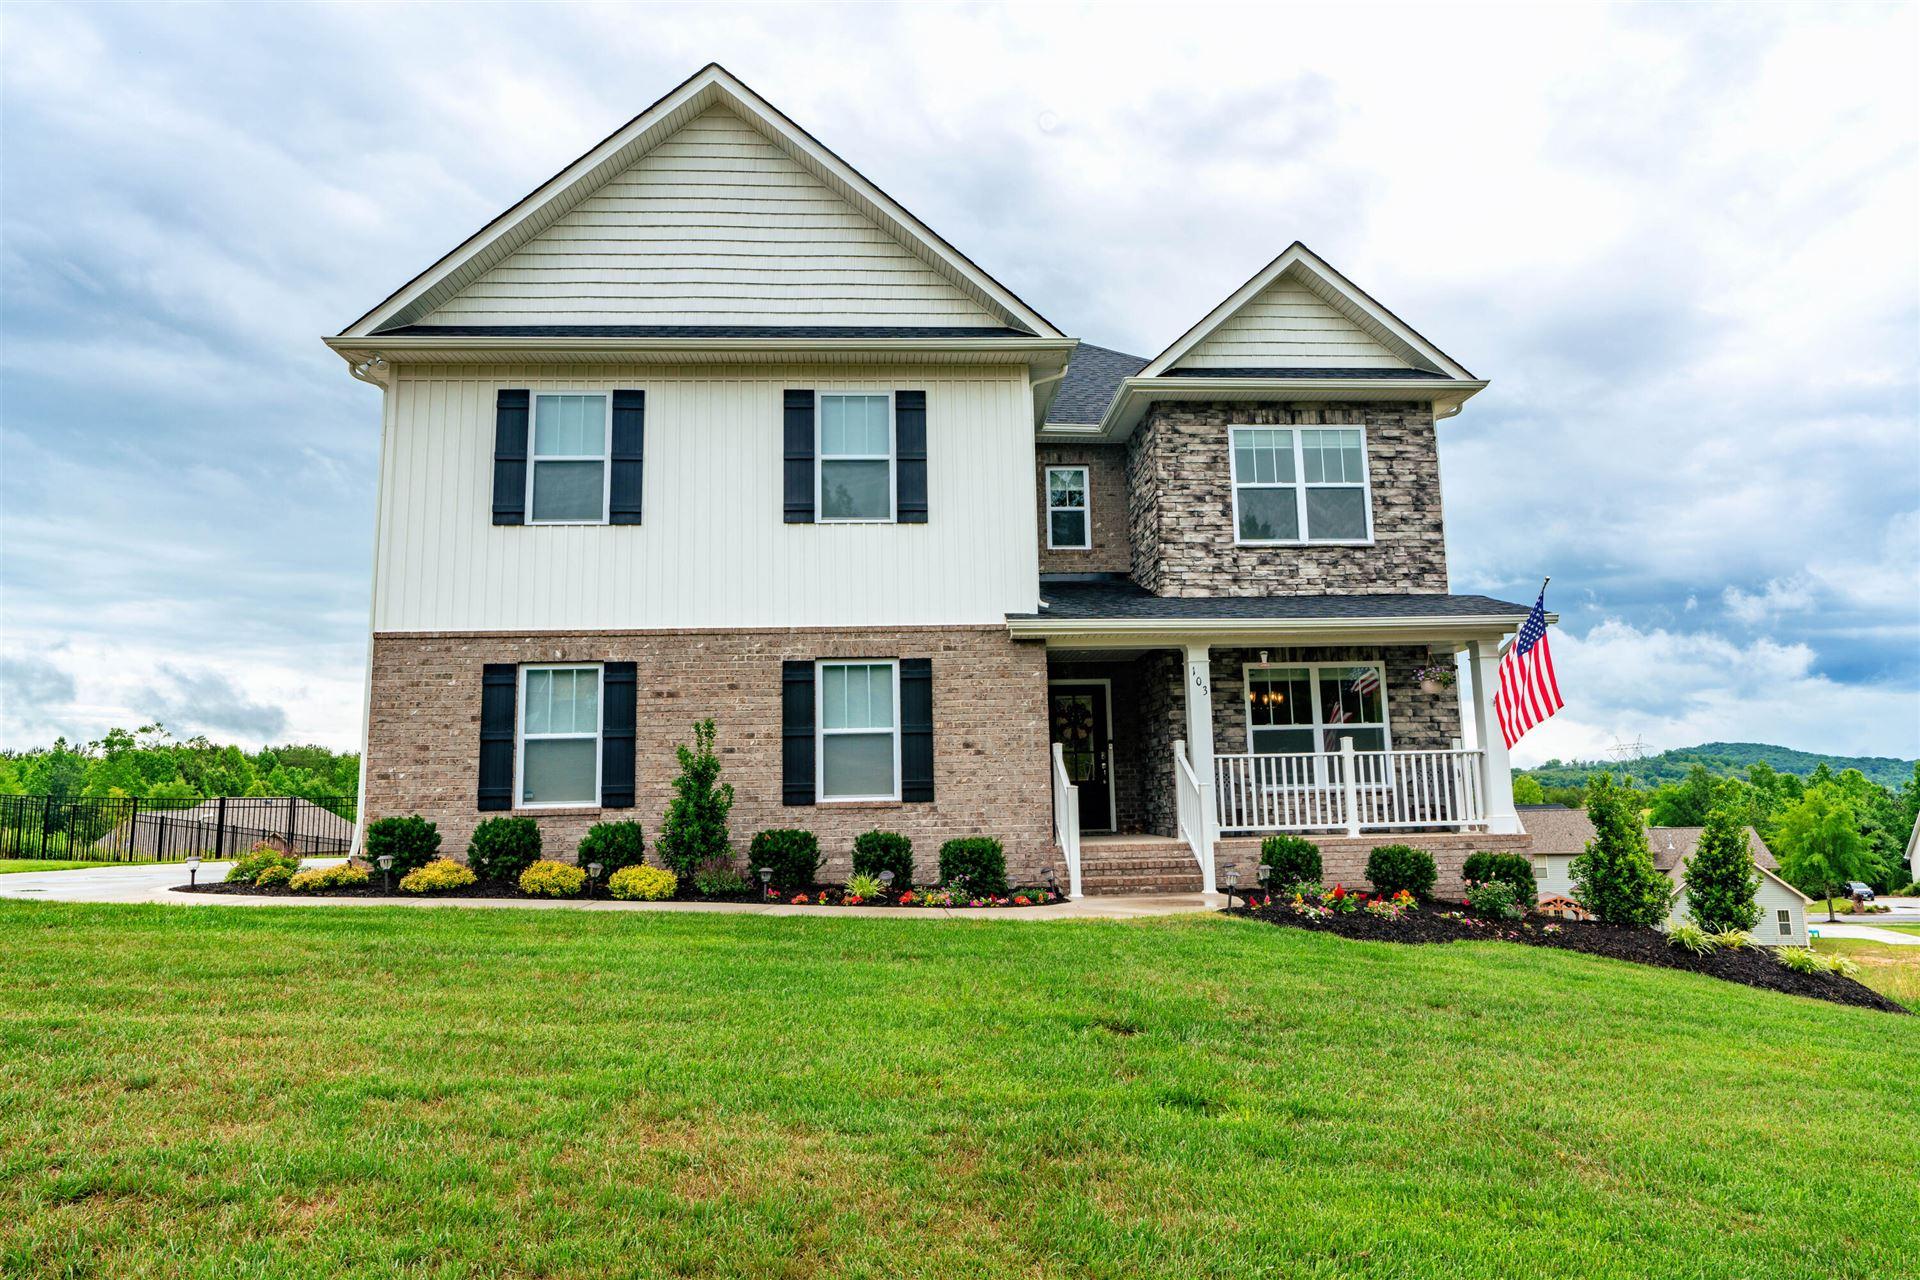 Photo of 103 Mistletoeberry Rd #Lot 425, Oak Ridge, TN 37830 (MLS # 1155714)